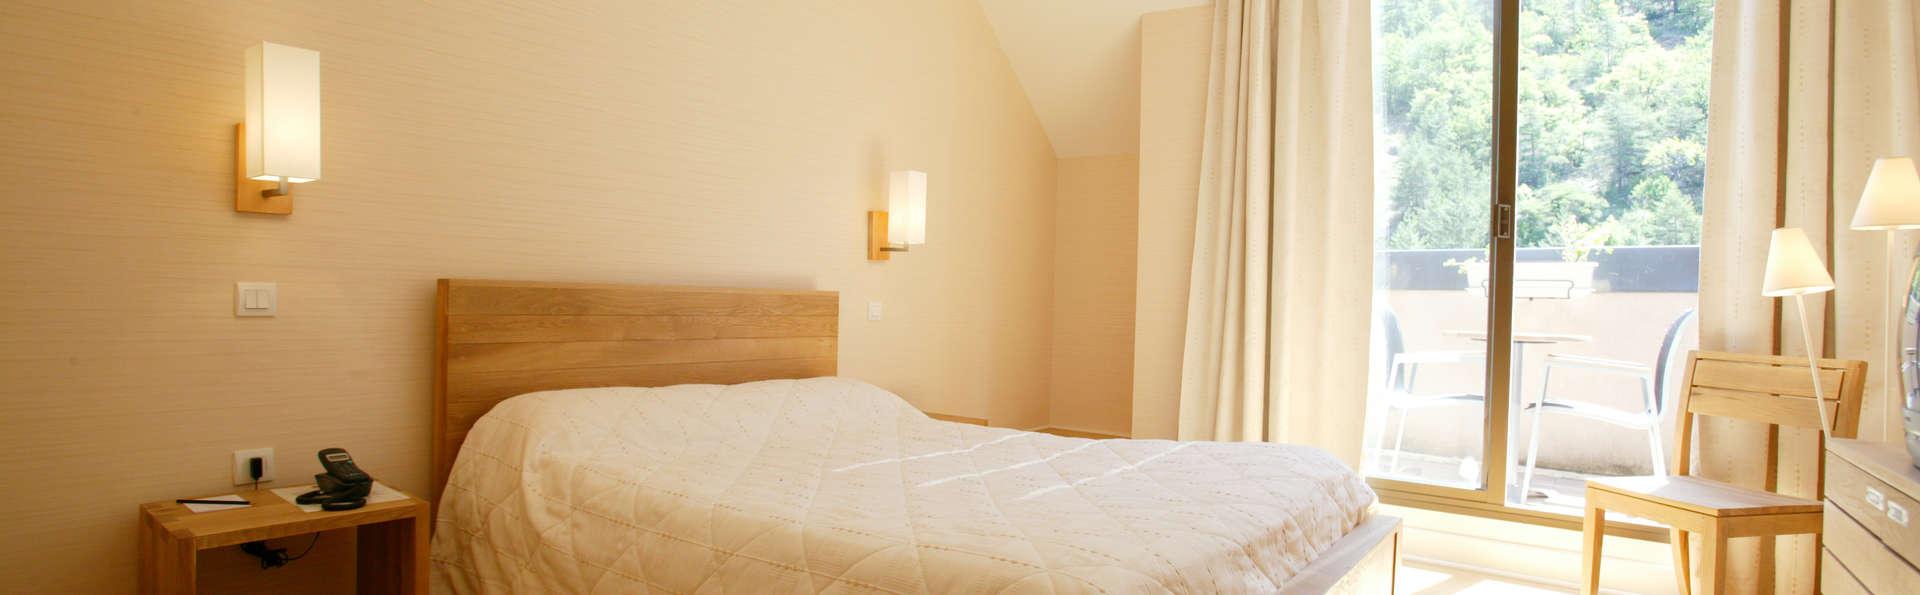 Week end prendre l 39 air mostu jouls avec 1 verre de - Hotel avec jacuzzi dans la chambre midi pyrenees ...